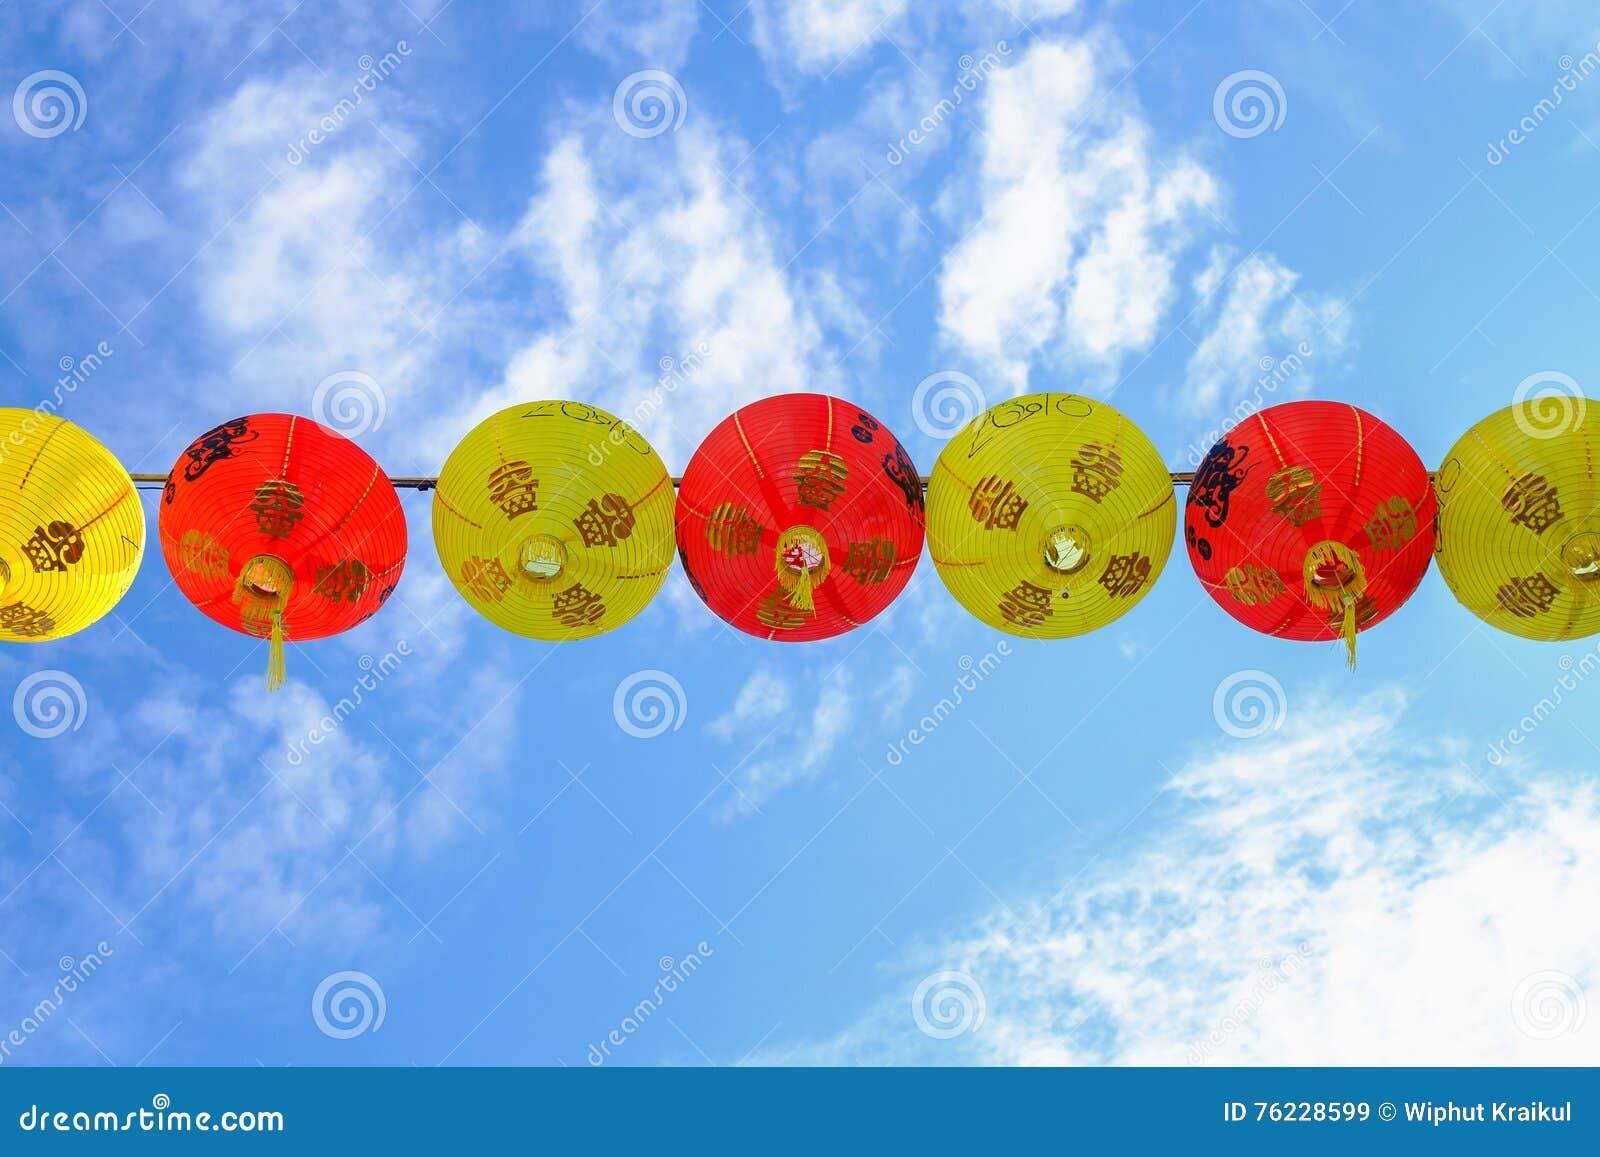 Fondo chino del cielo azul de las linternas